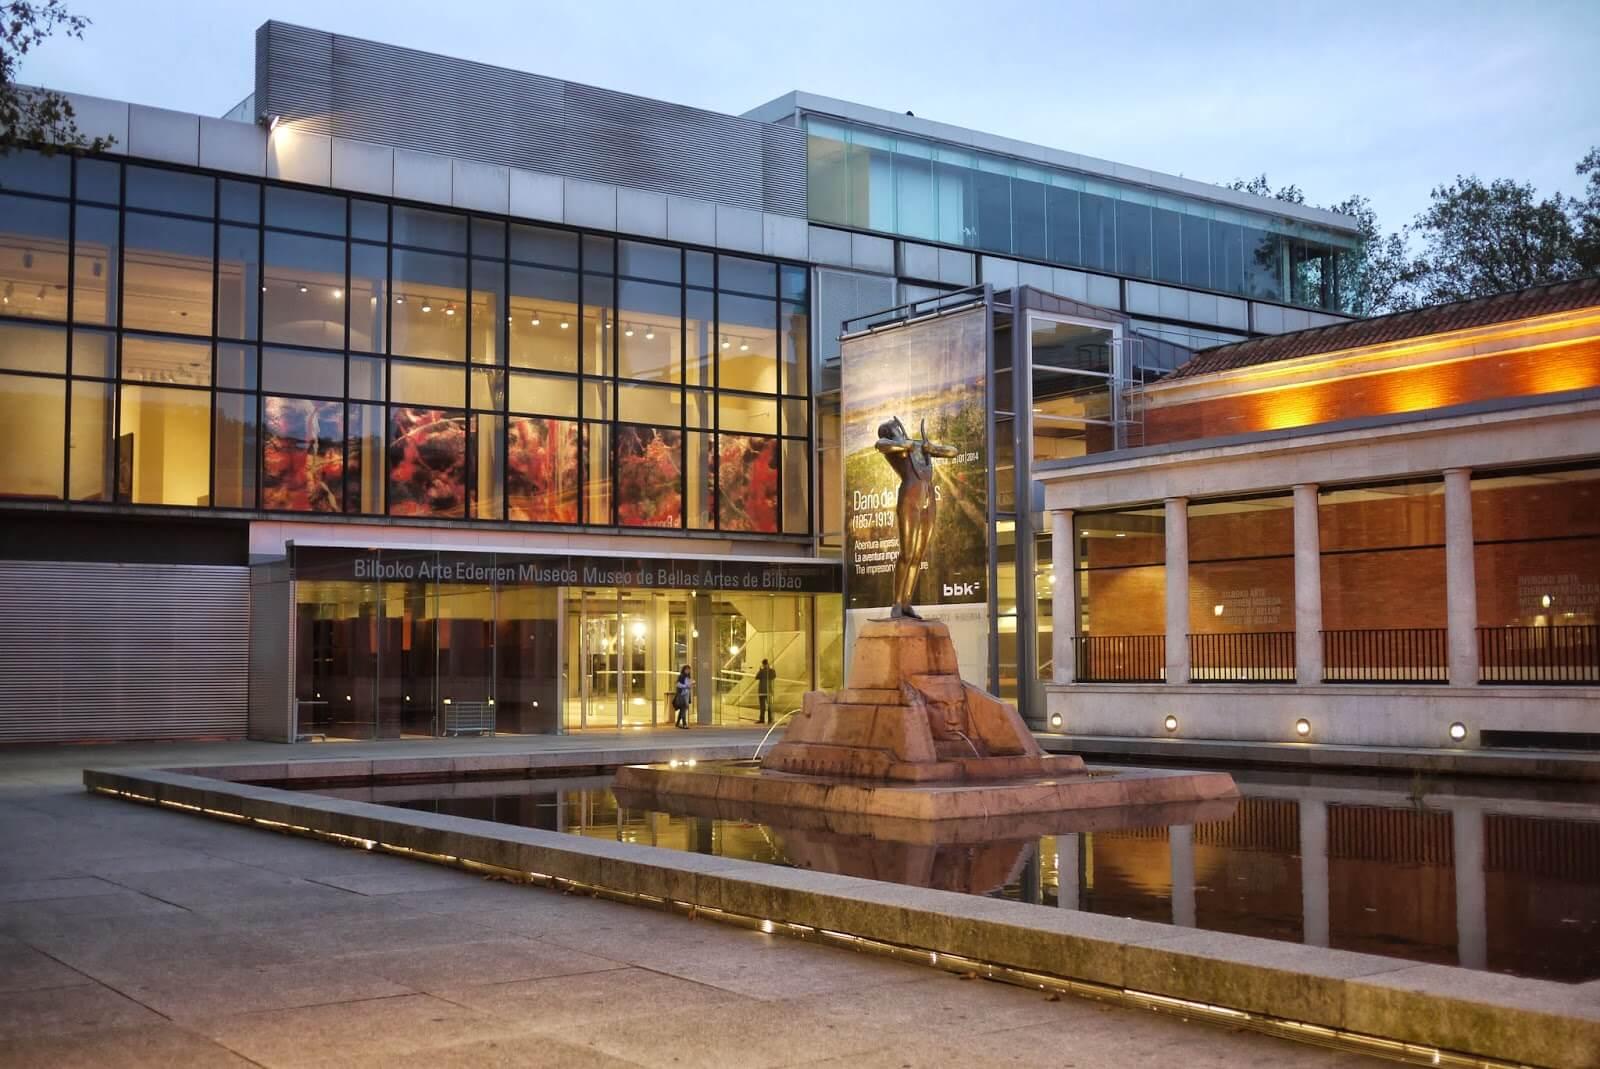 Reabilitação e ampliação do Museu de Belas Artes de Bilbao